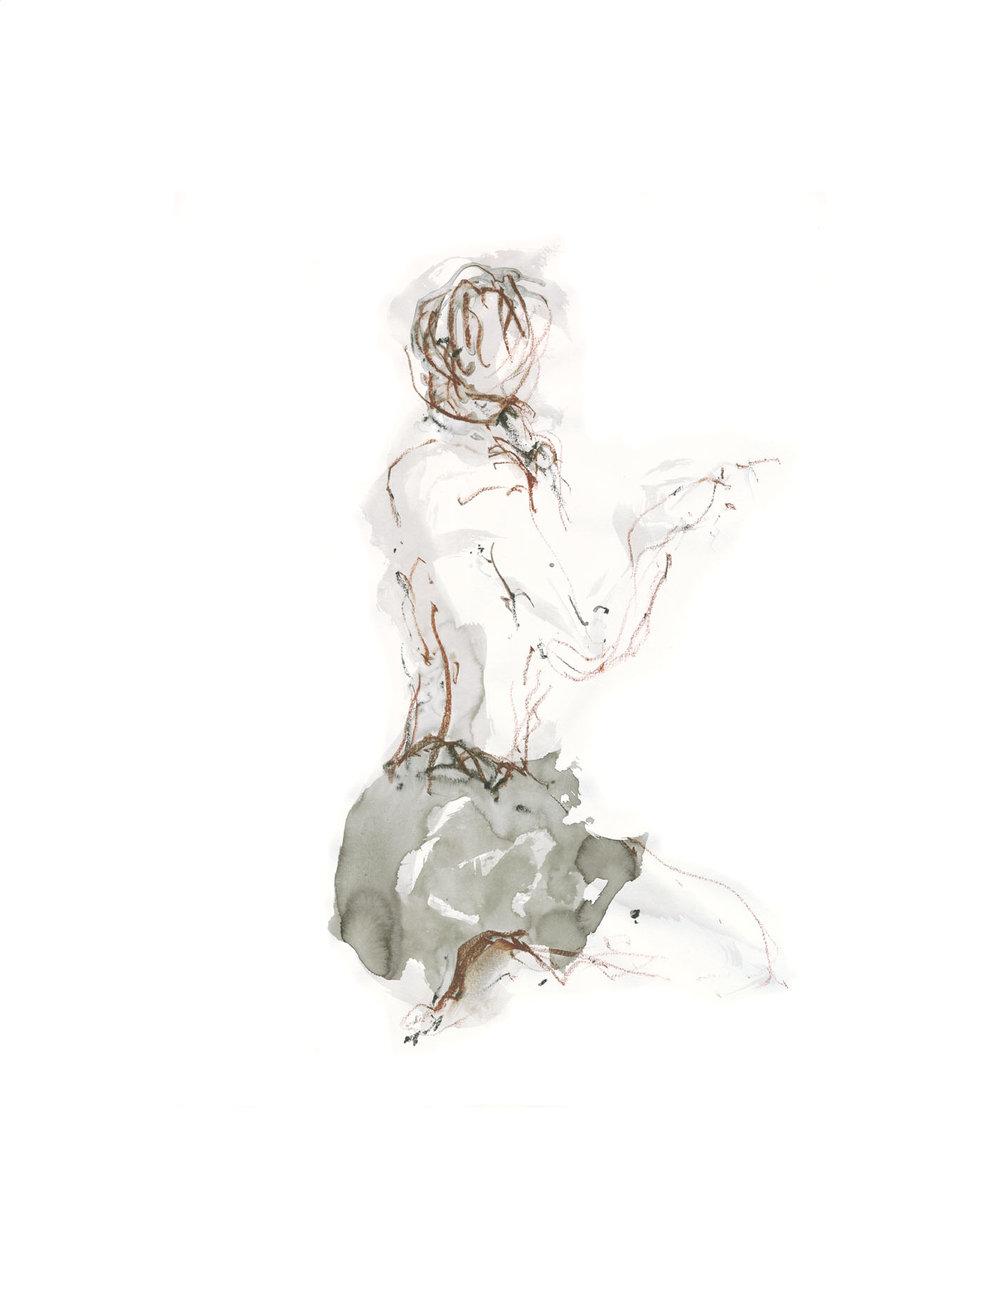 puella aeterna David Paynter .jpg